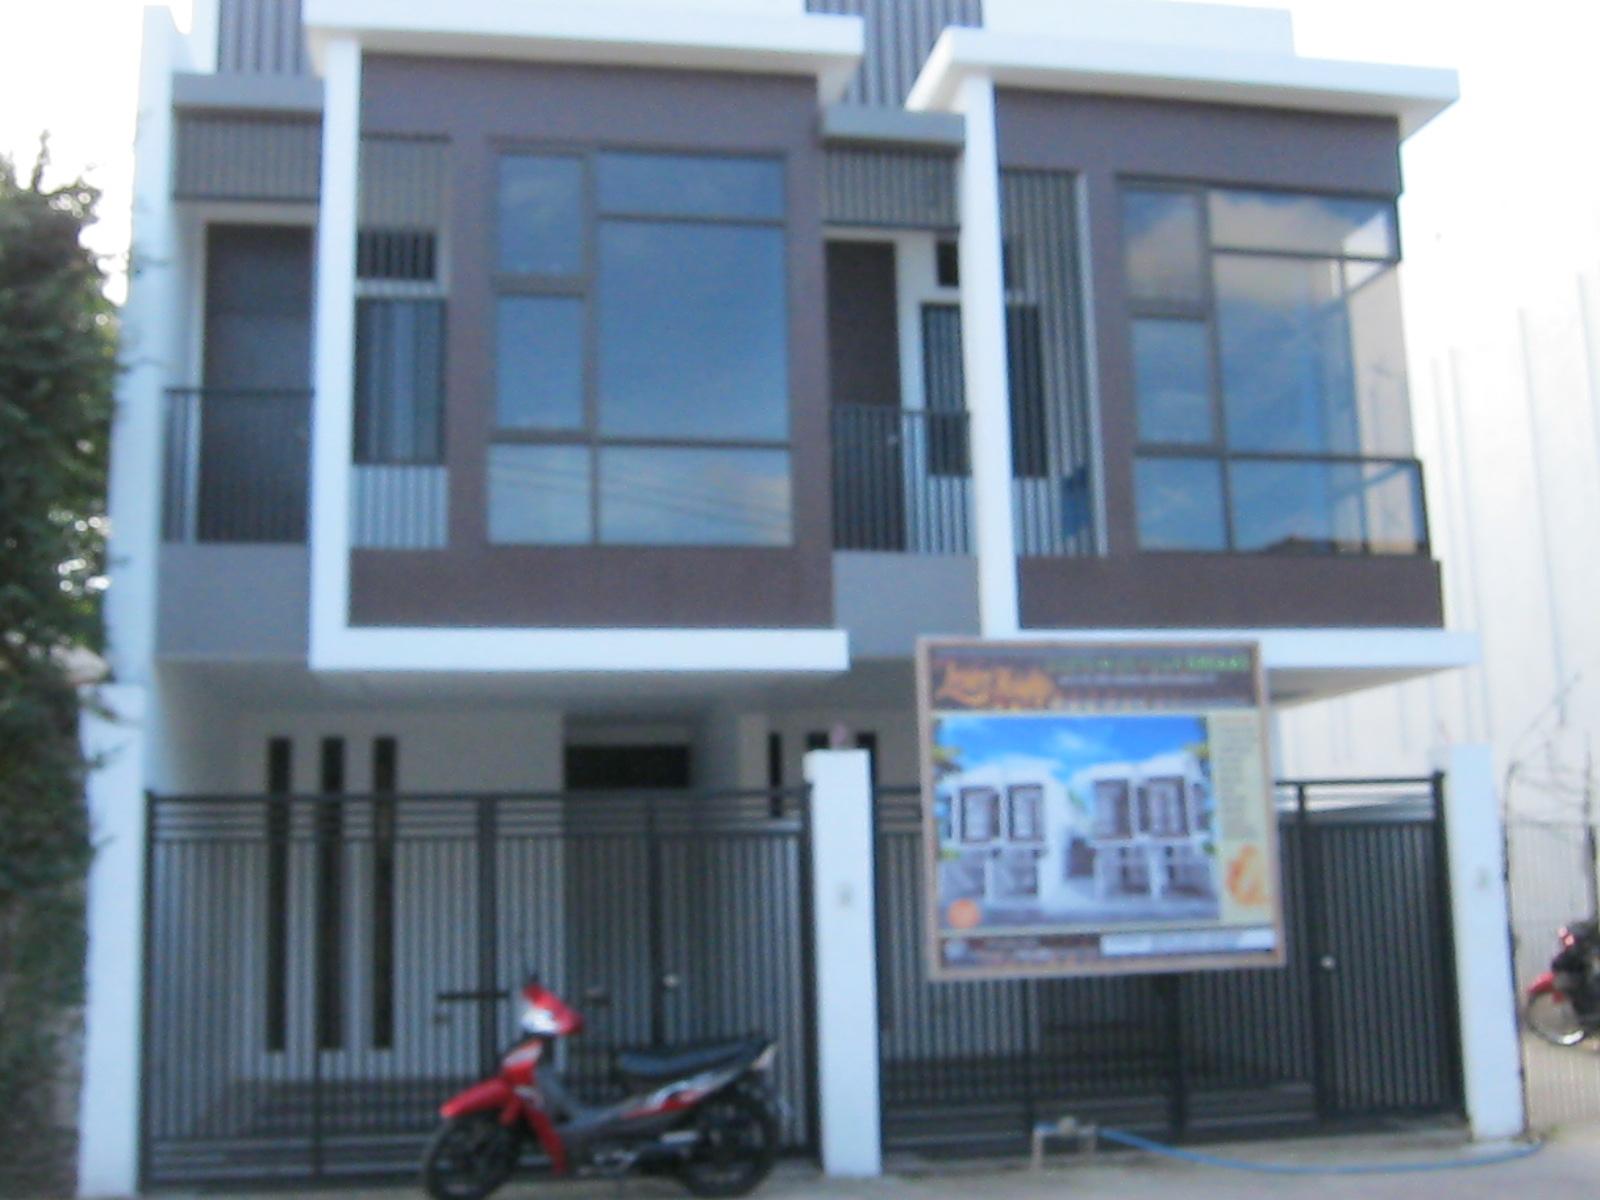 Levier Heights in Marikina Heights, Marikina City